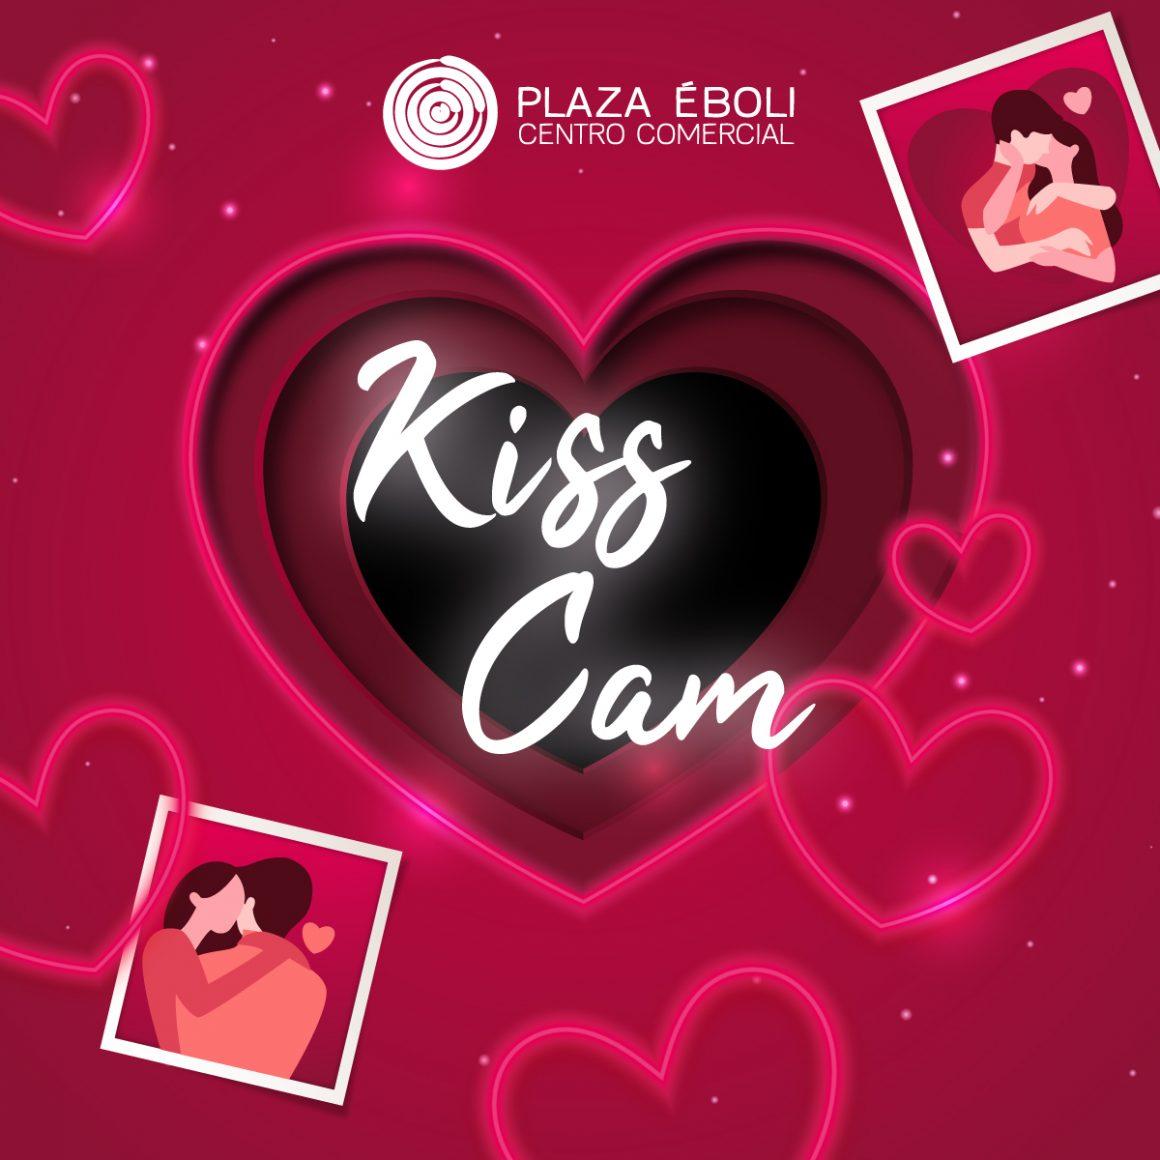 Demuestra tu amor en nuestra KissCam y gana 100€